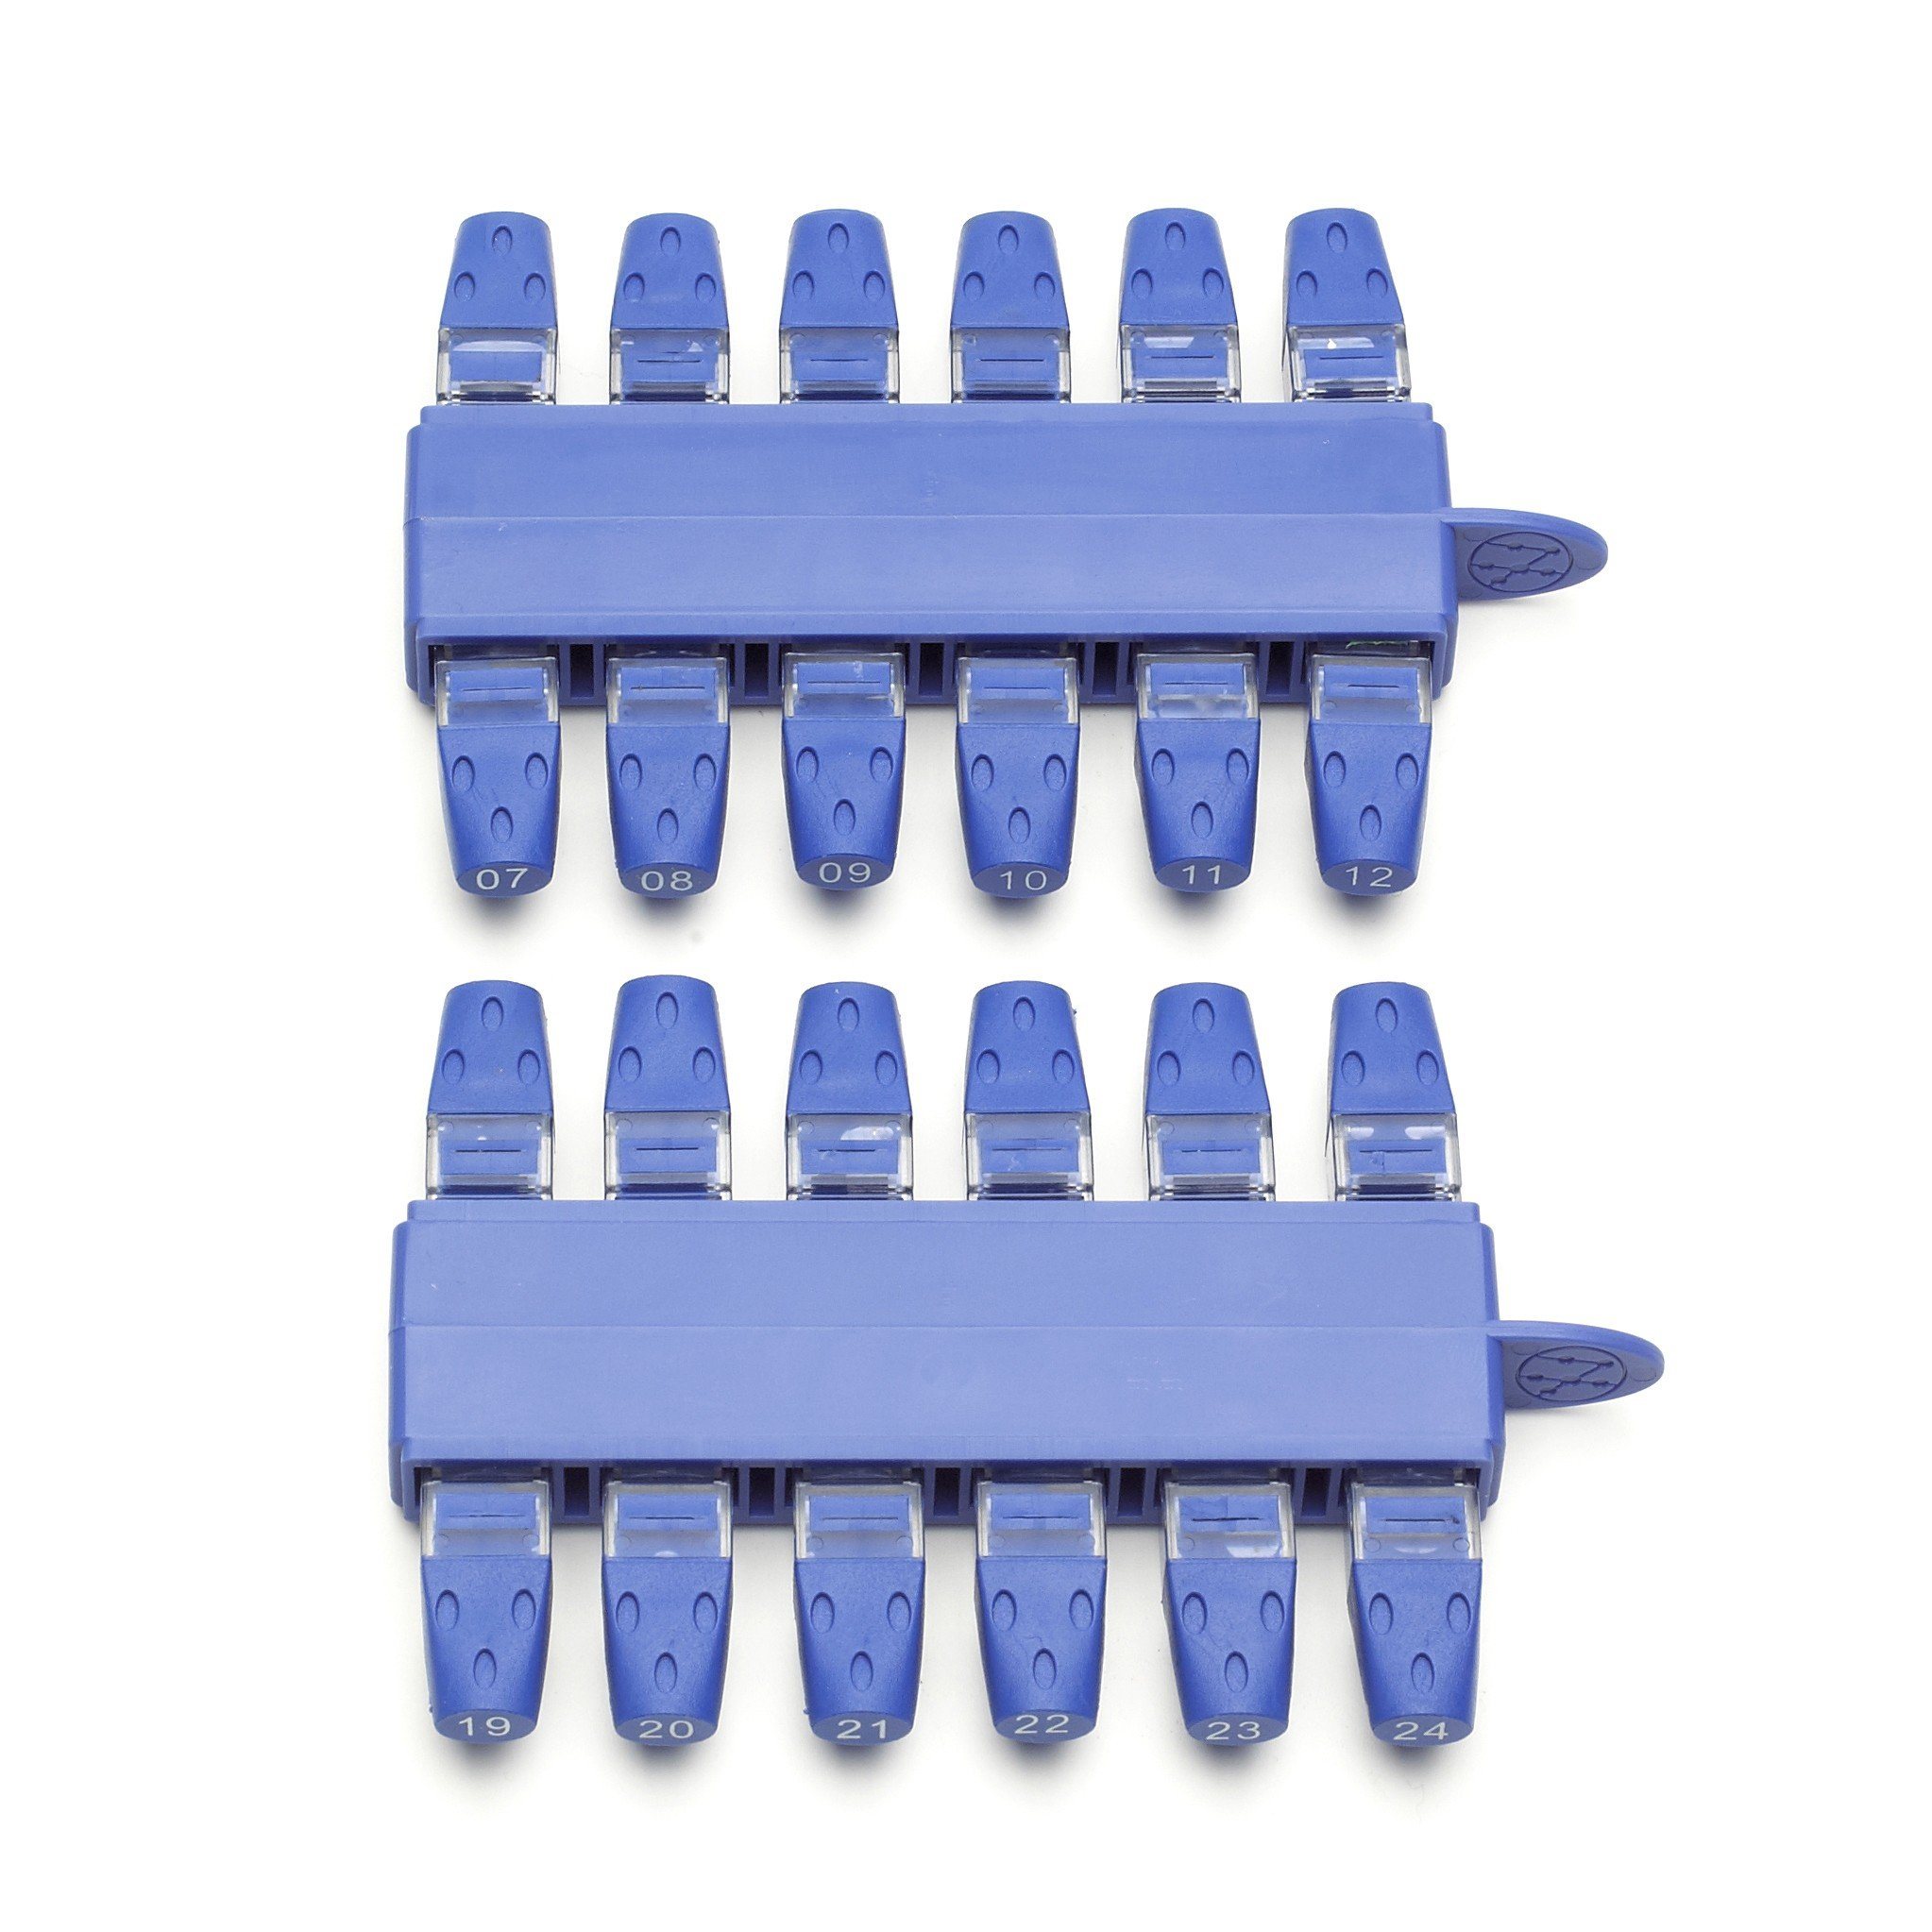 Ideal 158051 VDV II RJ-45 Identifiers 1-24 Accessory Pack